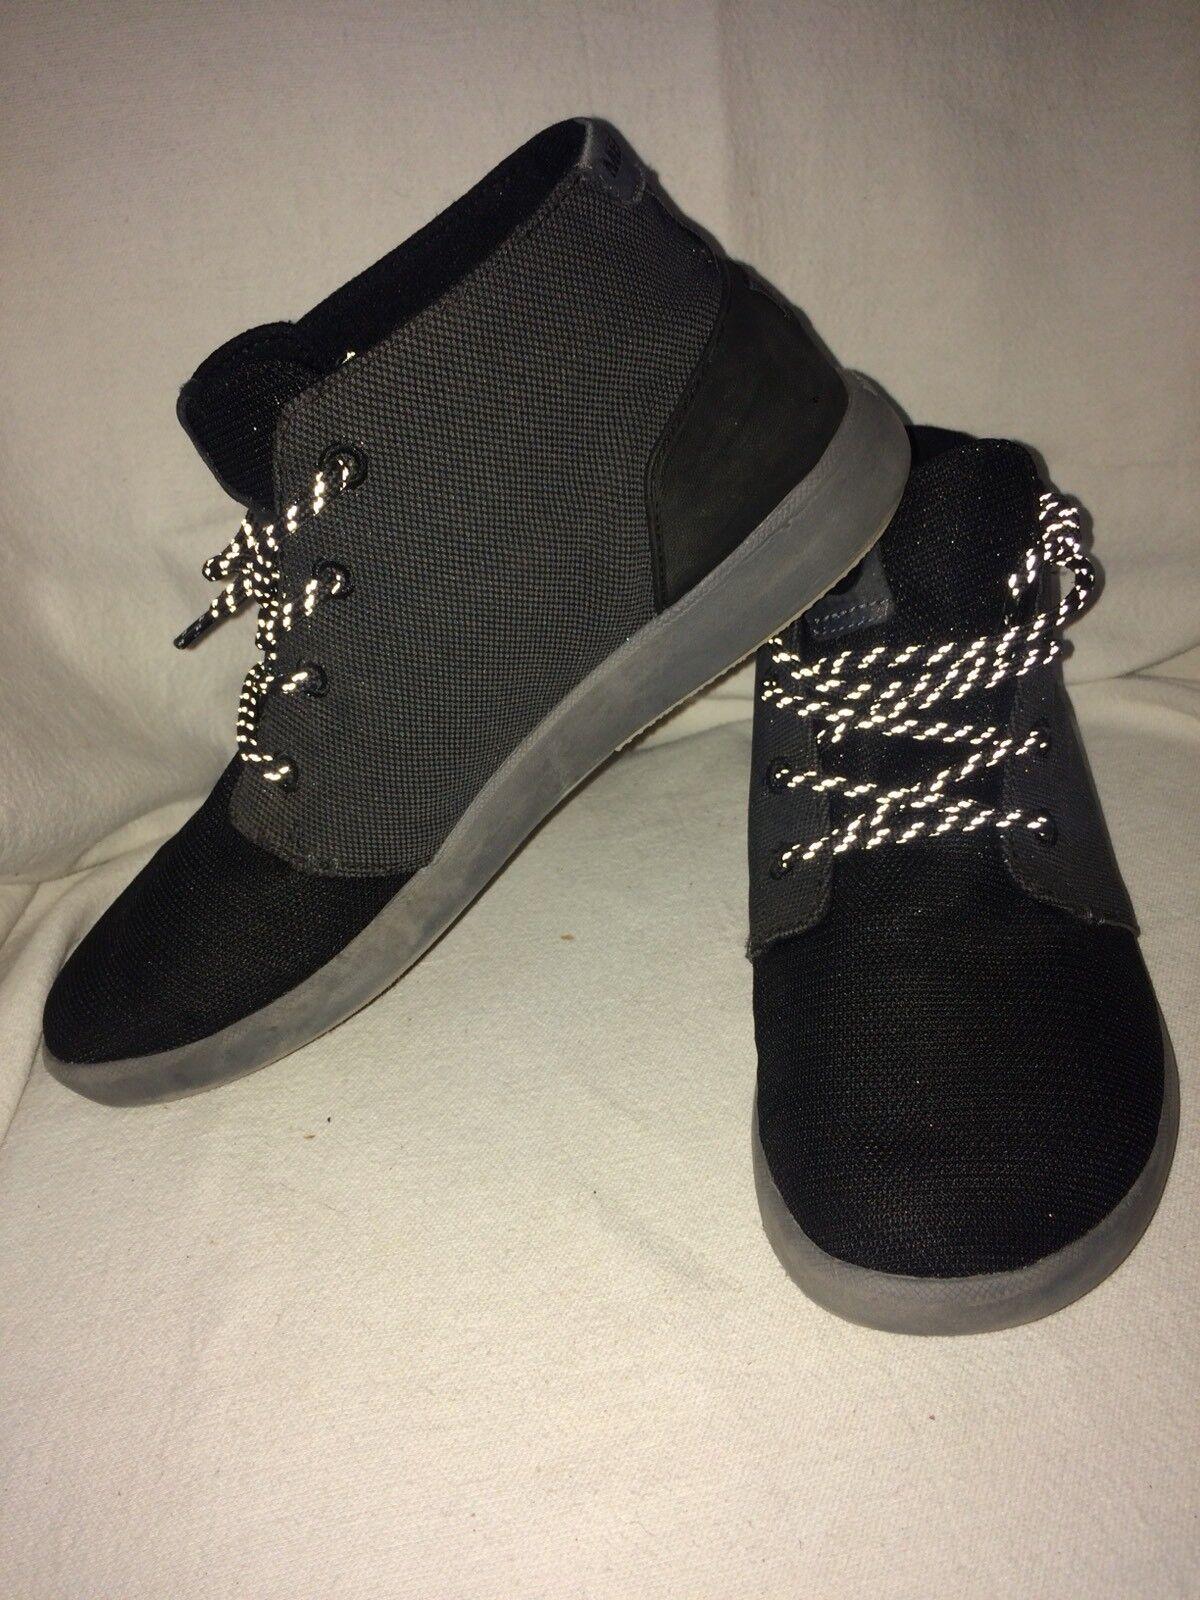 Zapatillas Merrell cycletread Negro gris Zapatos para hombre 9